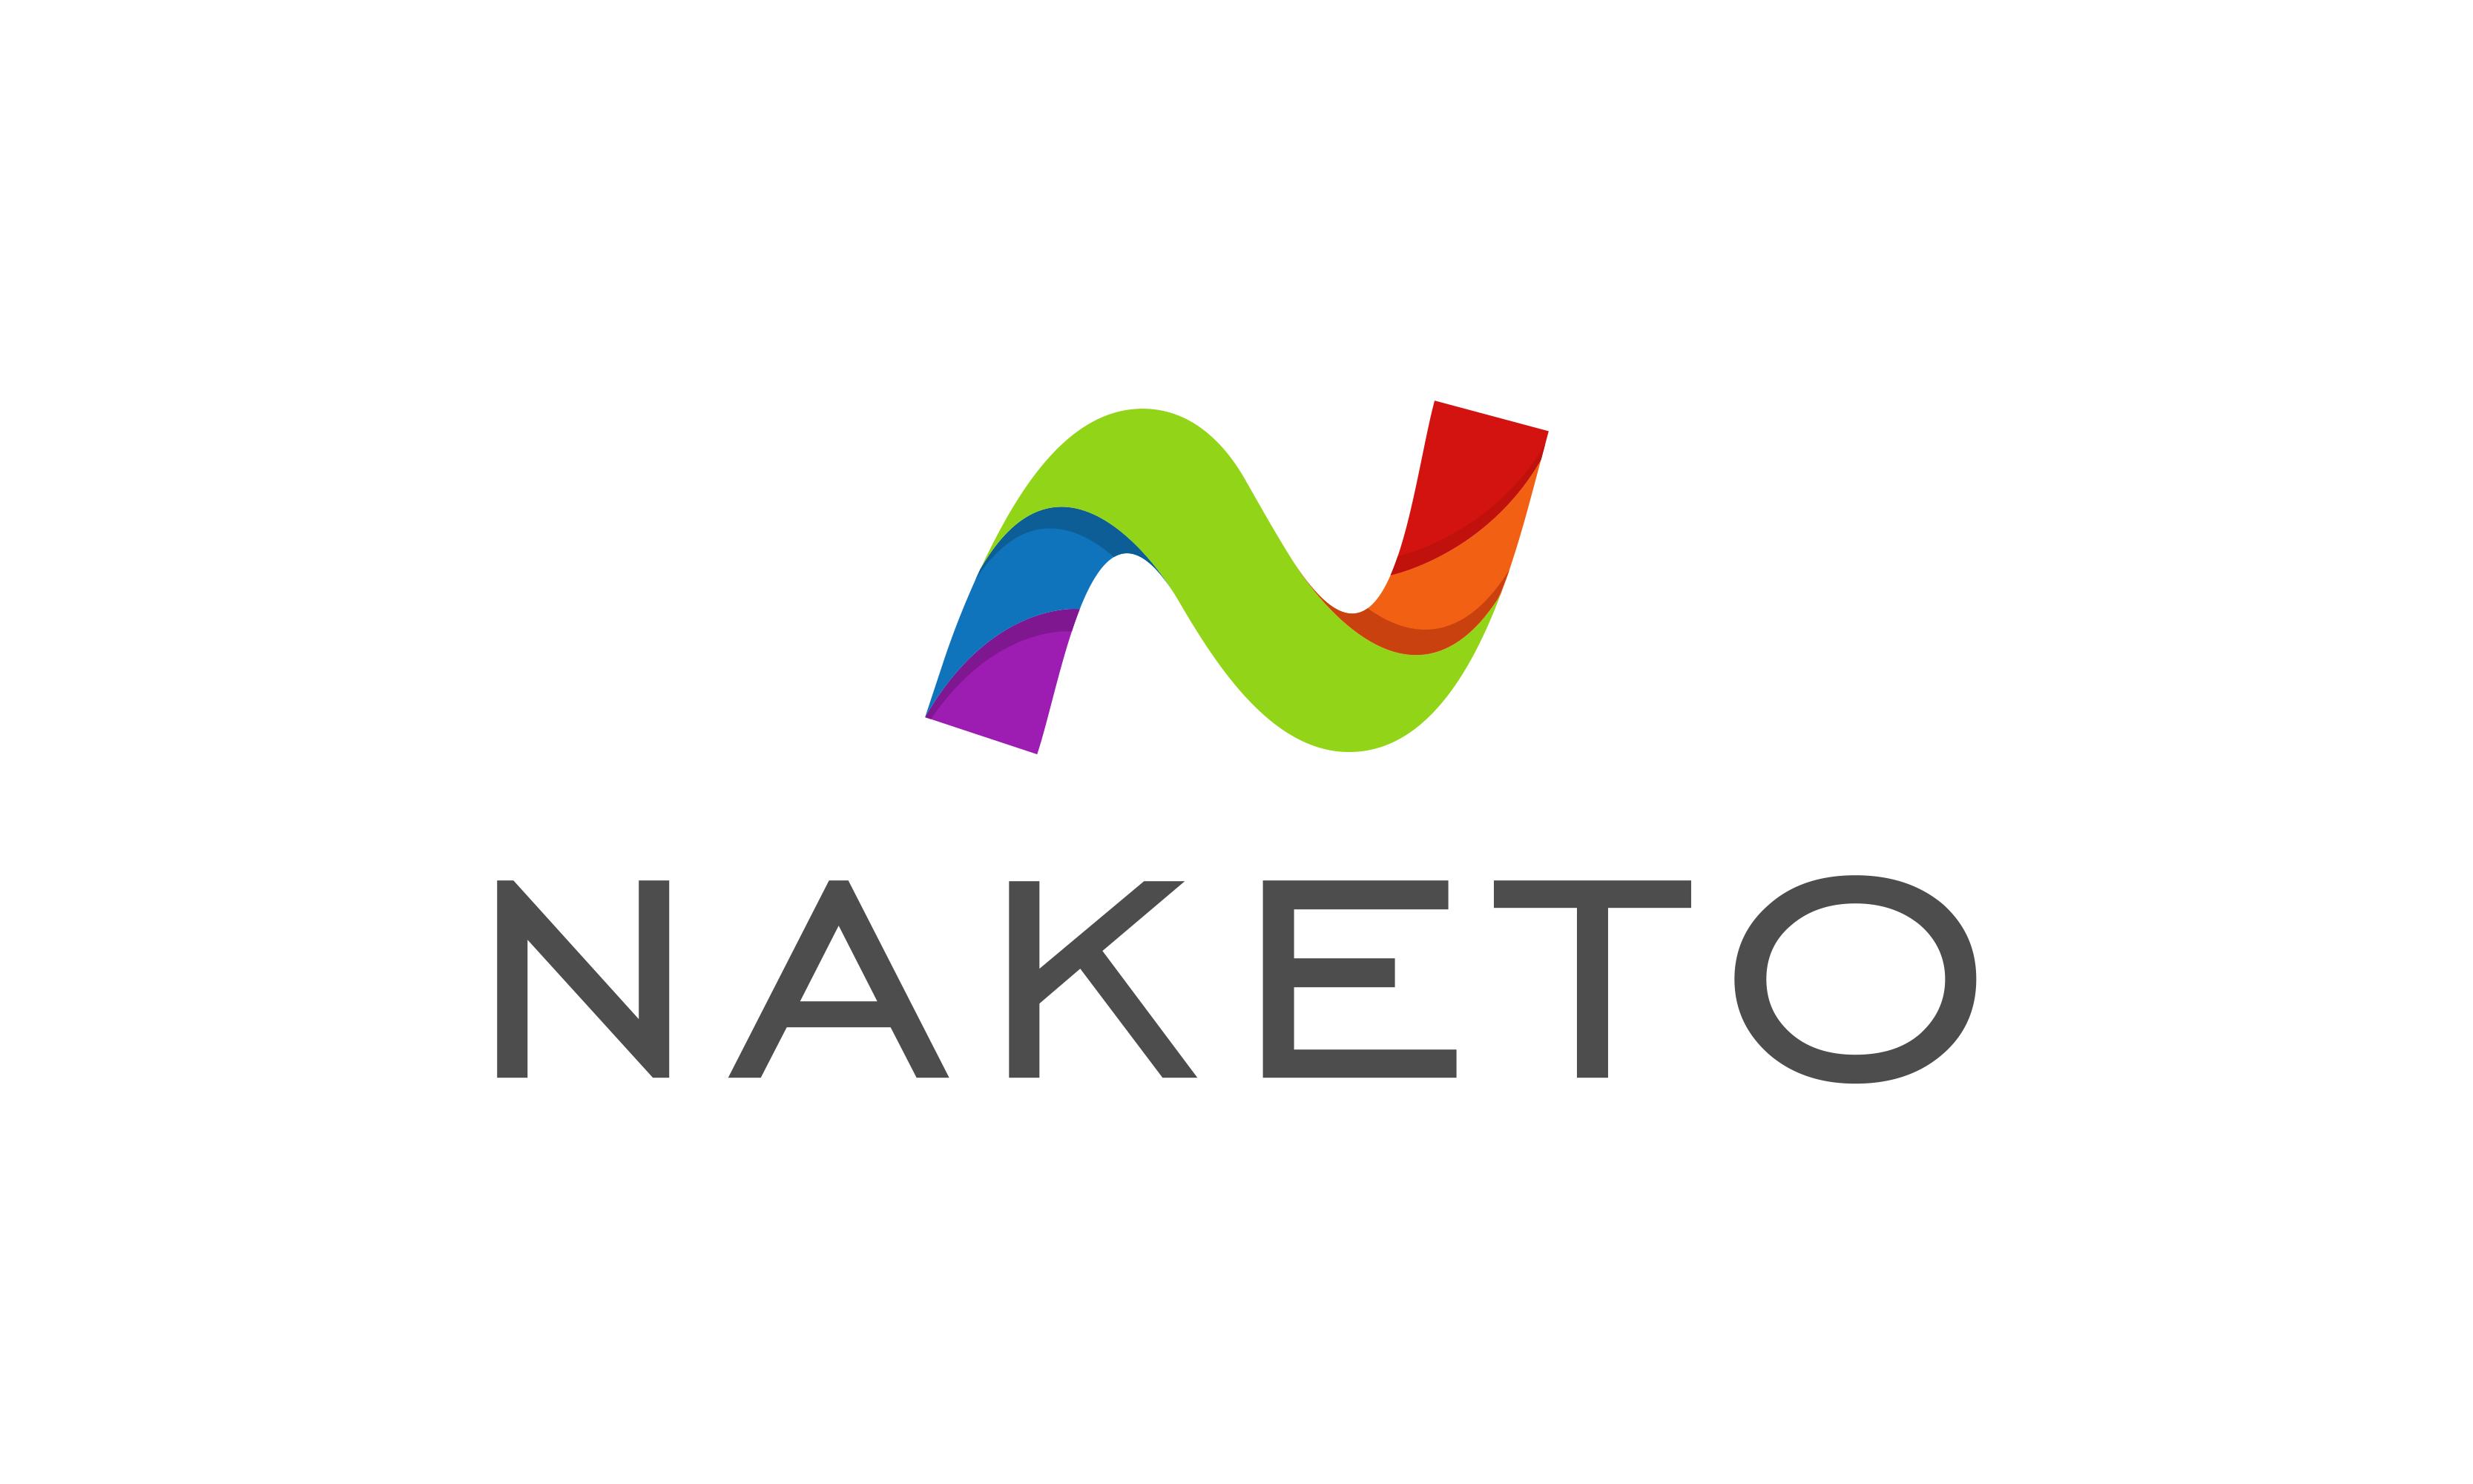 Naketo